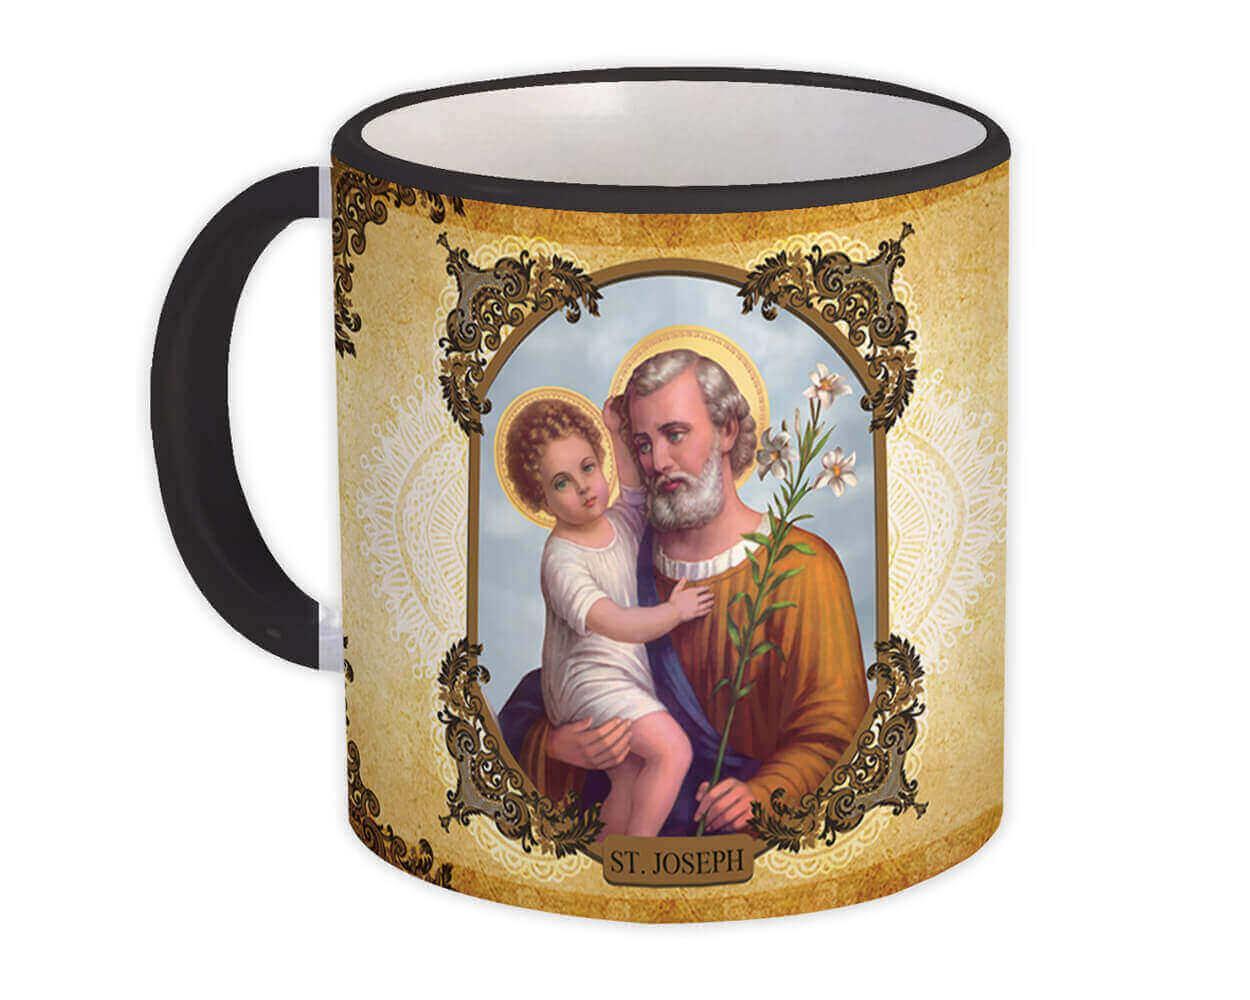 Saint Joseph : Gift Mug Catholic Religious Holy Family